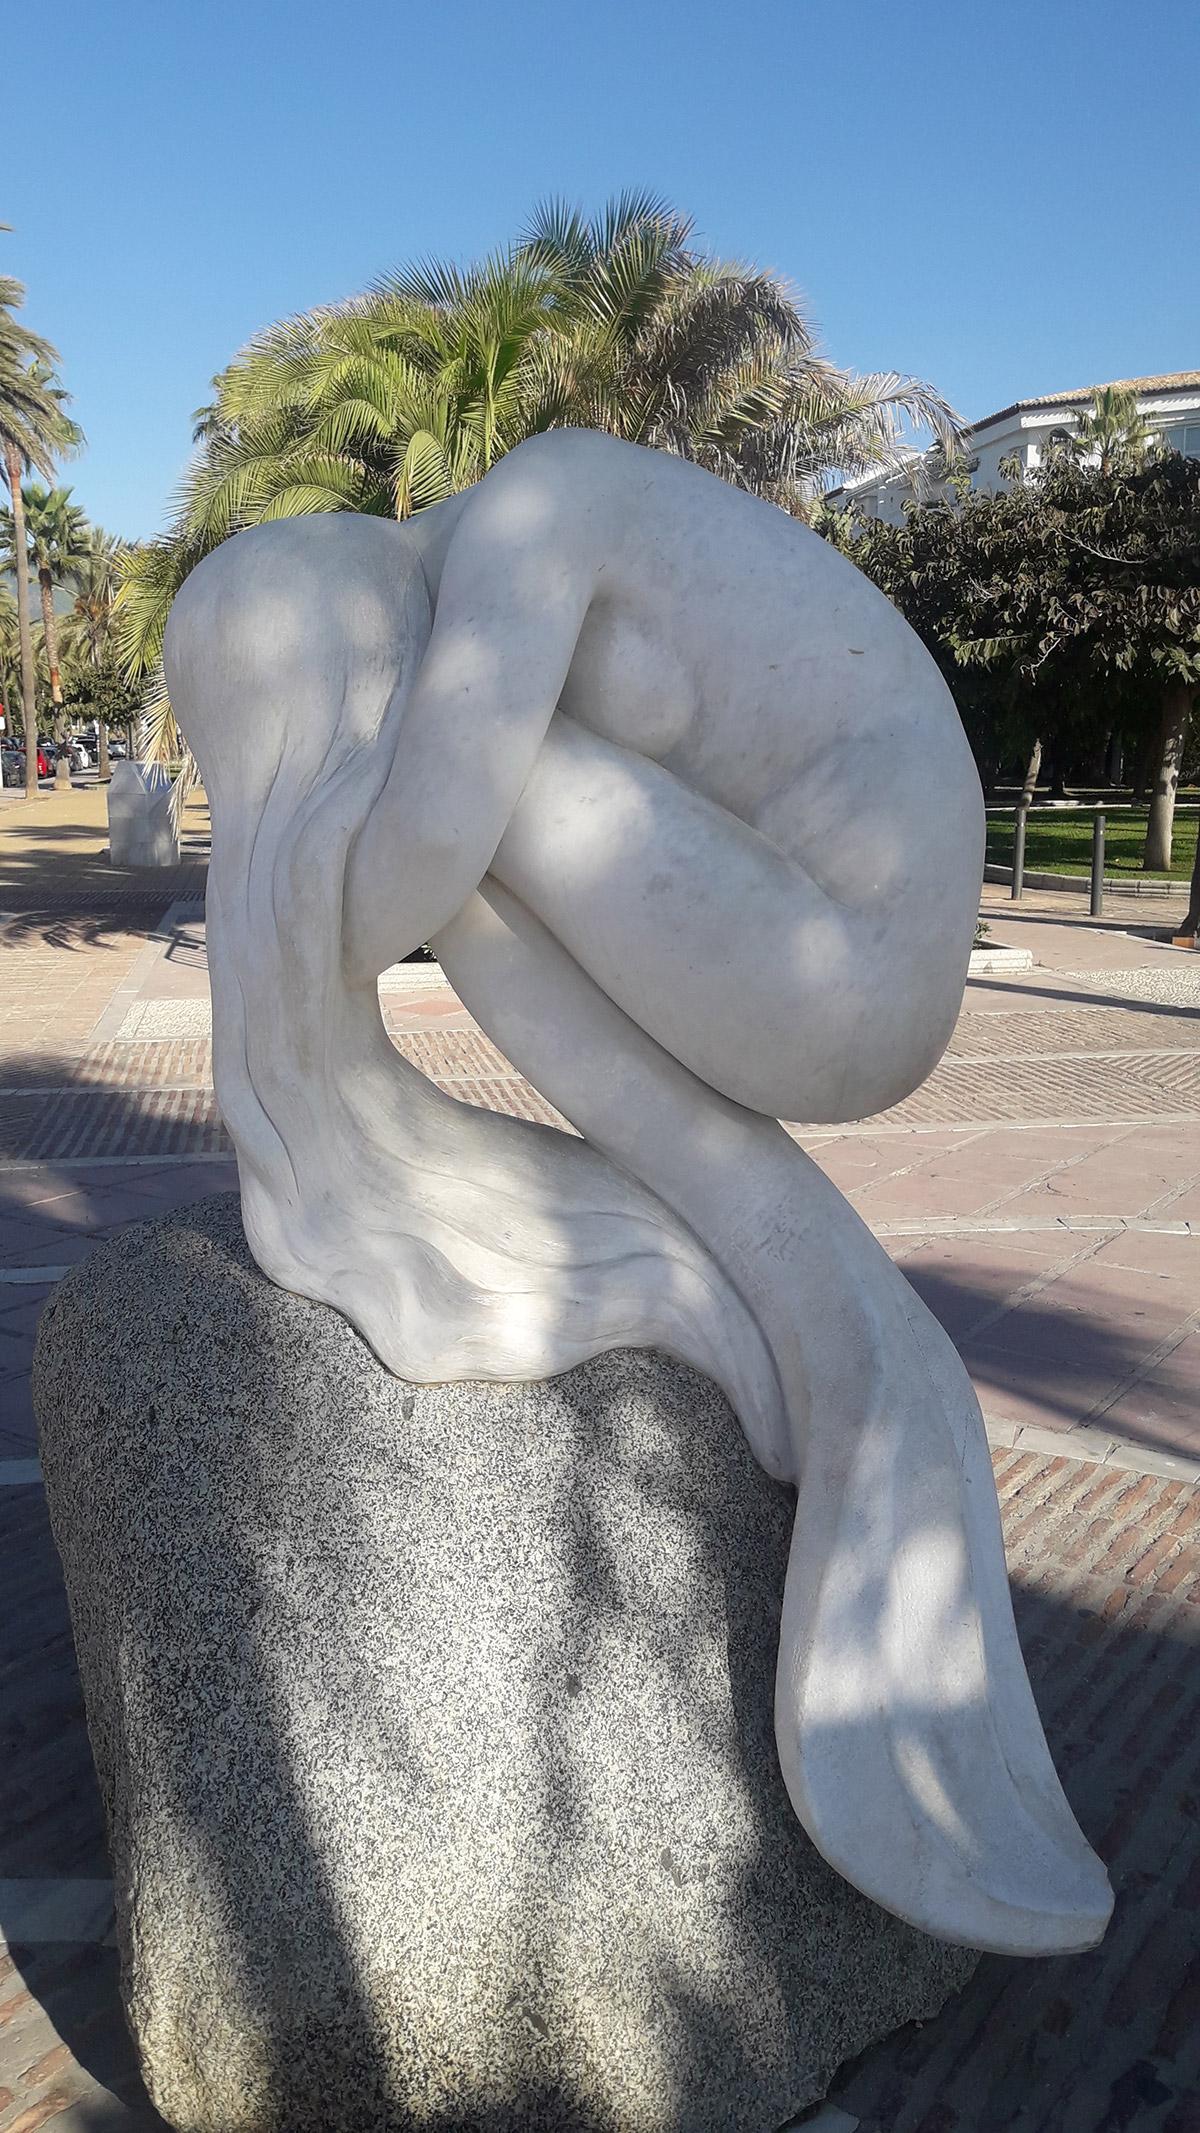 La Sirena de Puerto Banús, by Antonio Cañete